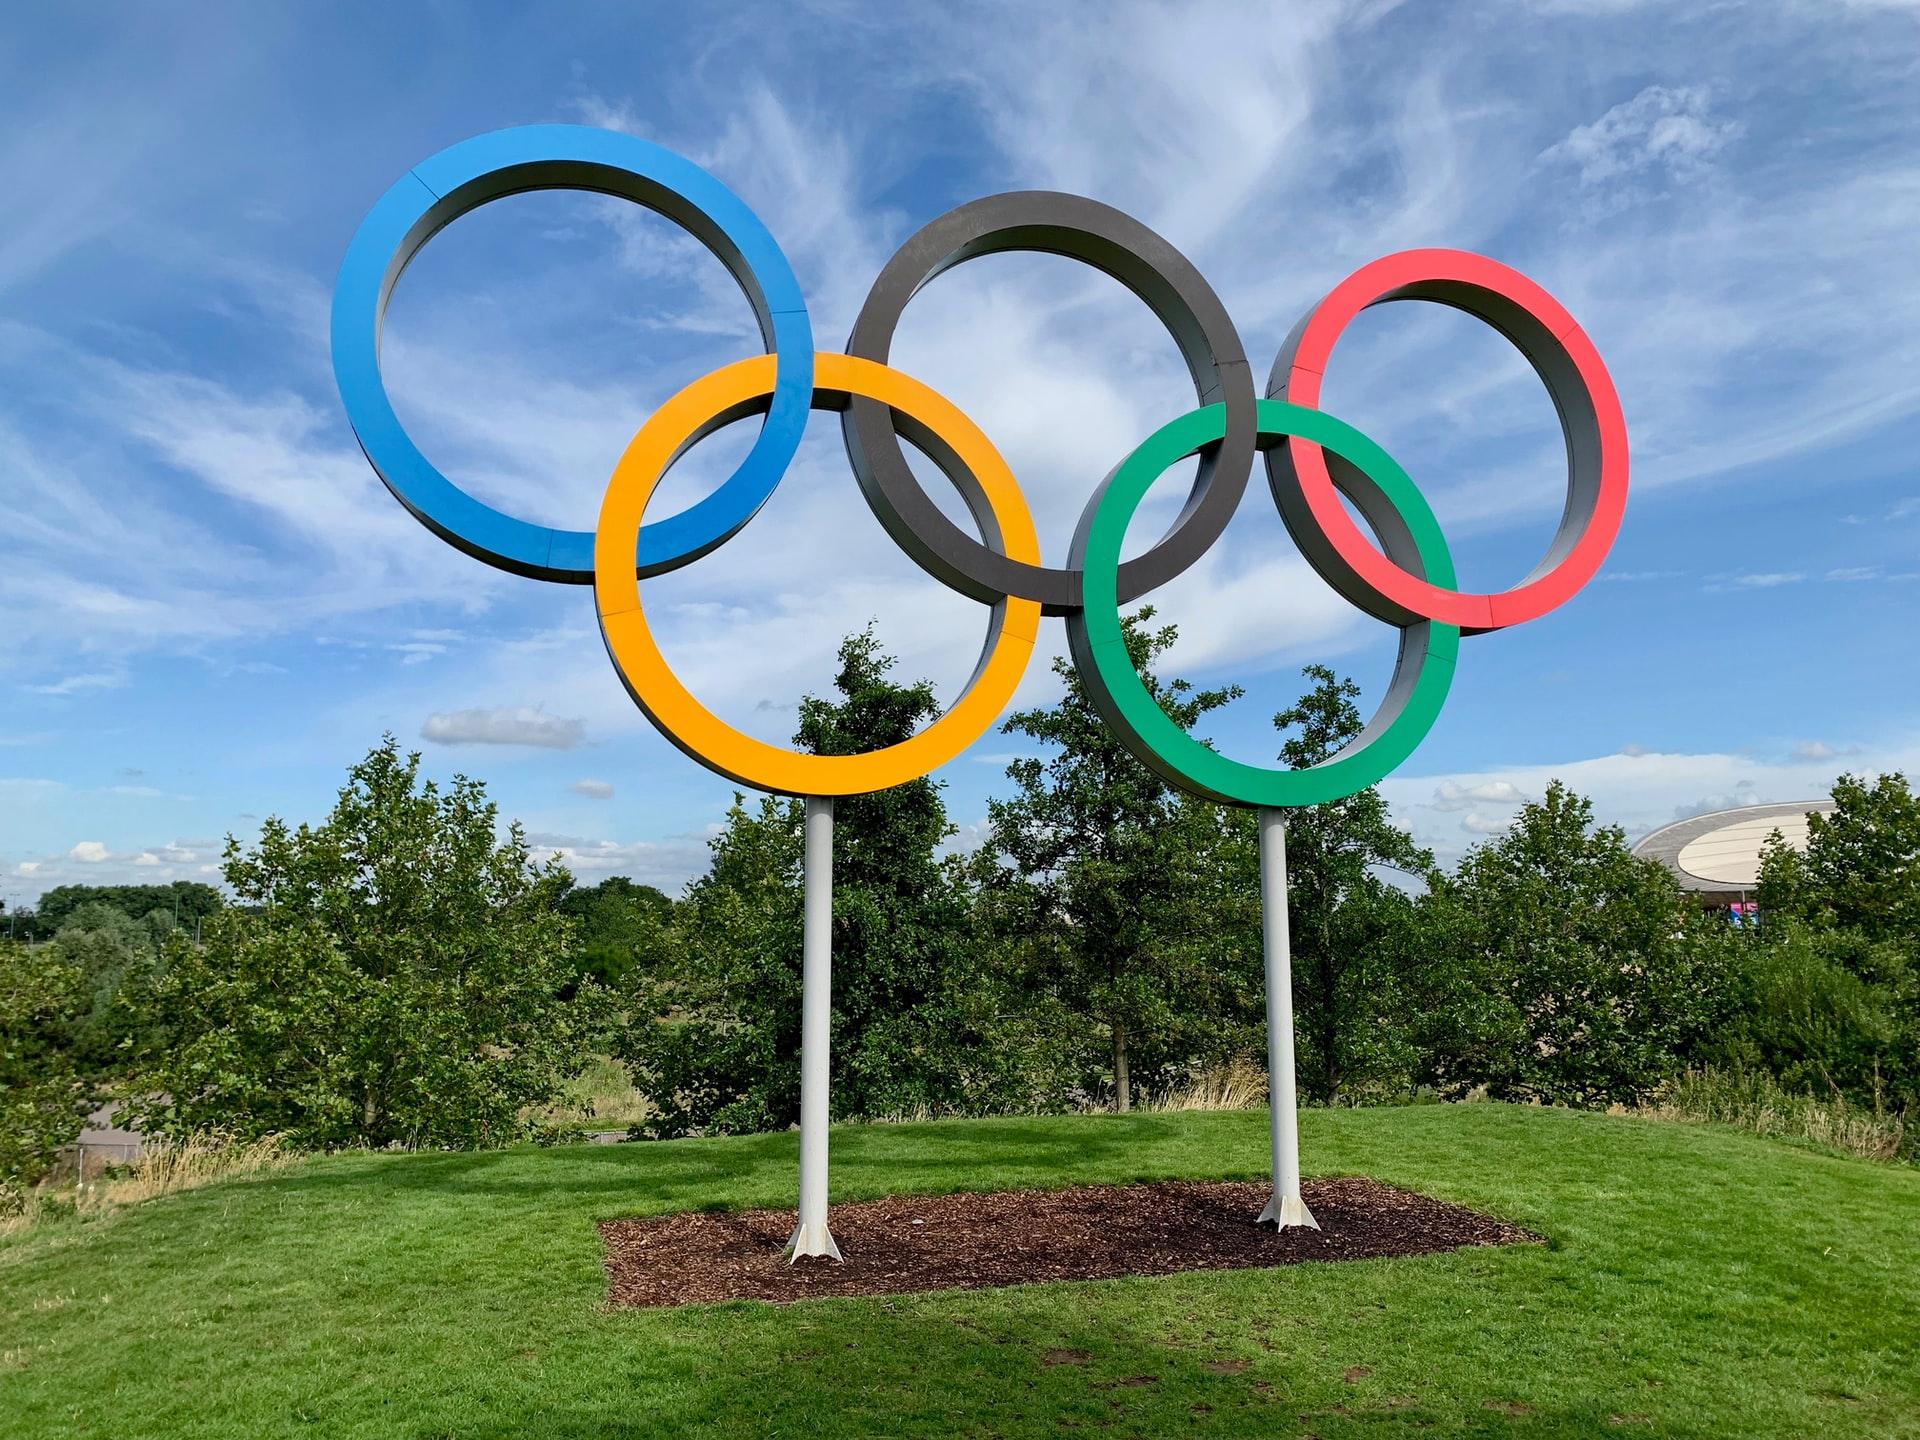 Sjeverna Koreja neće nastupiti na Olimpijskim igrama u Tokiju